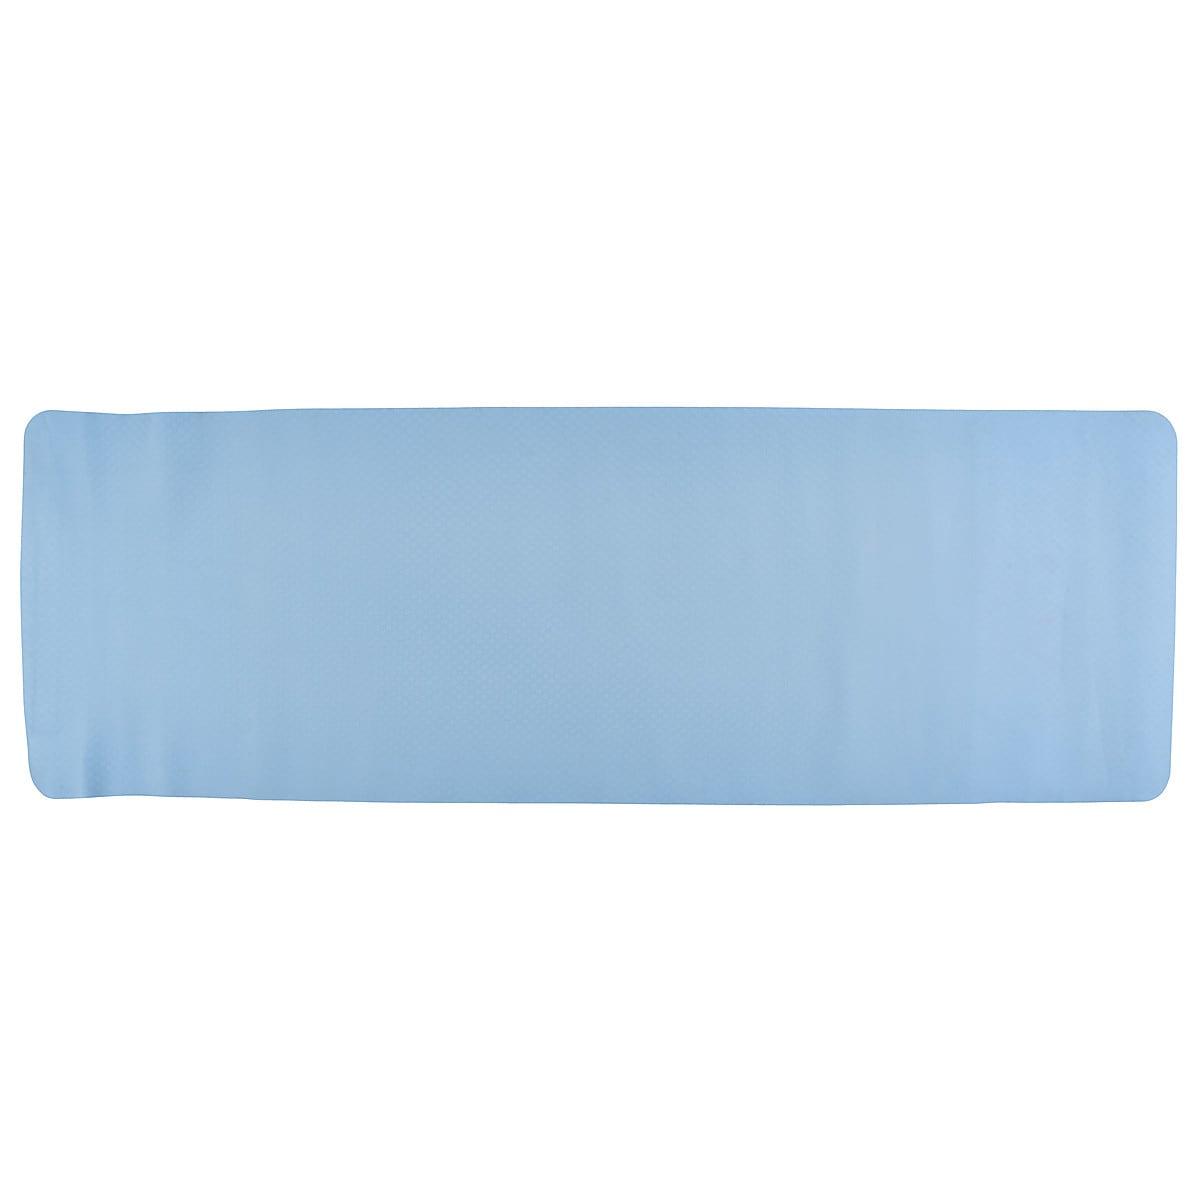 Asaklitt yogamatte